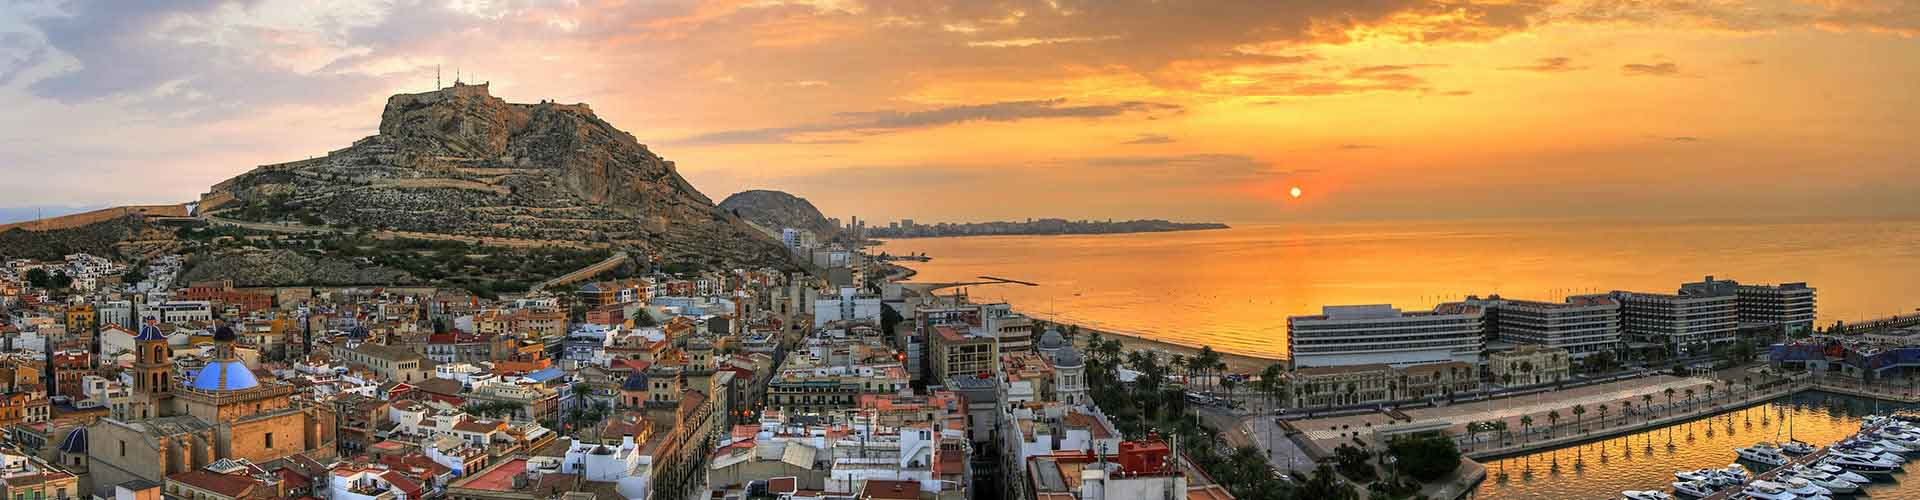 Alicante - Habitaciones en el distrito Mercado. Mapas de Alicante, Fotos y comentarios de cada Habitación en Alicante.